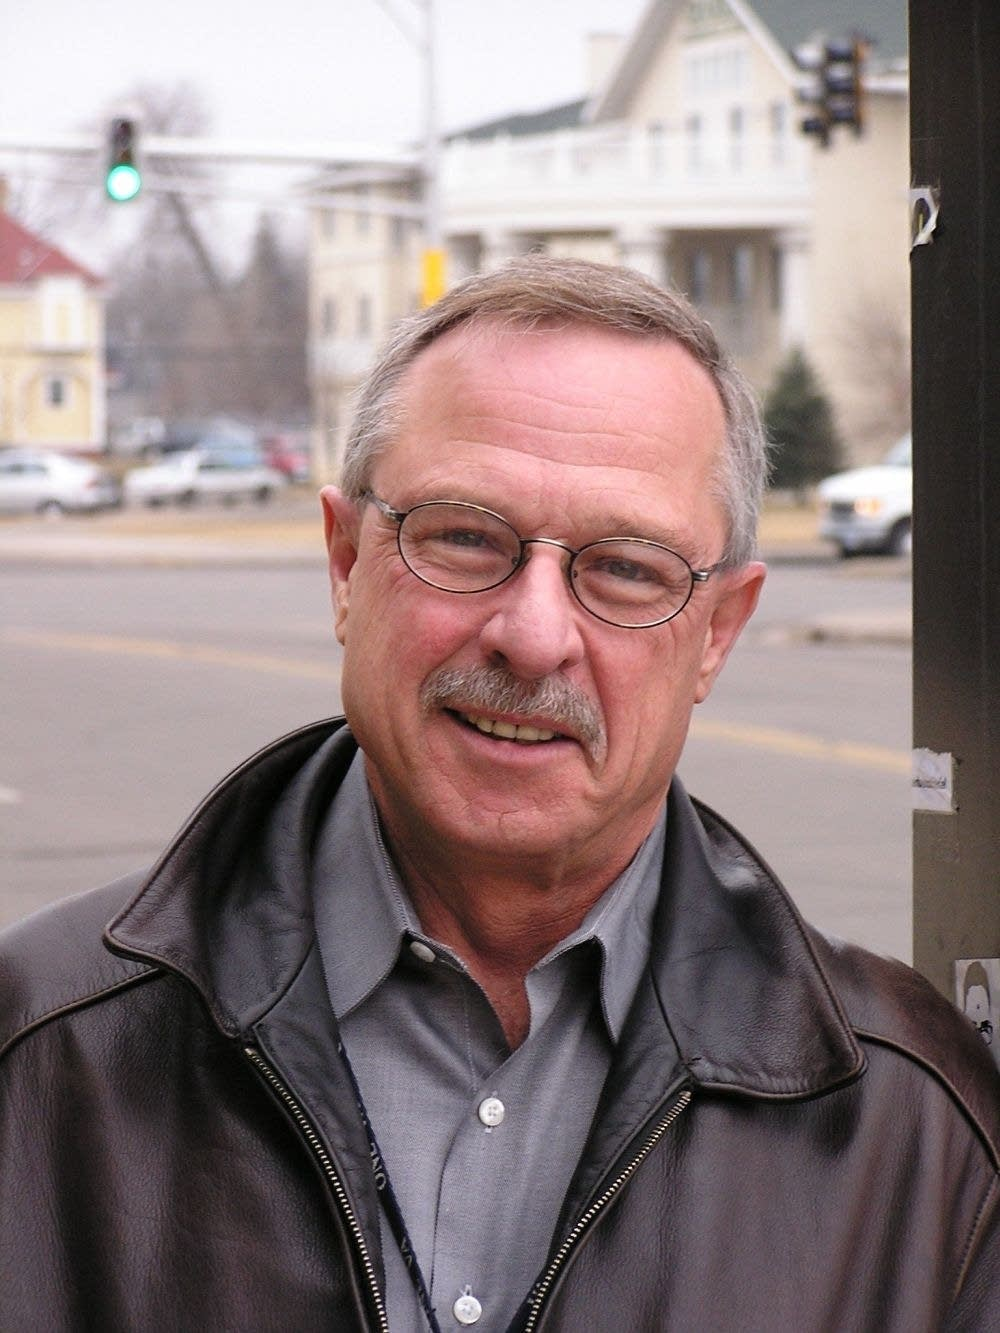 Stephen Eisenreich